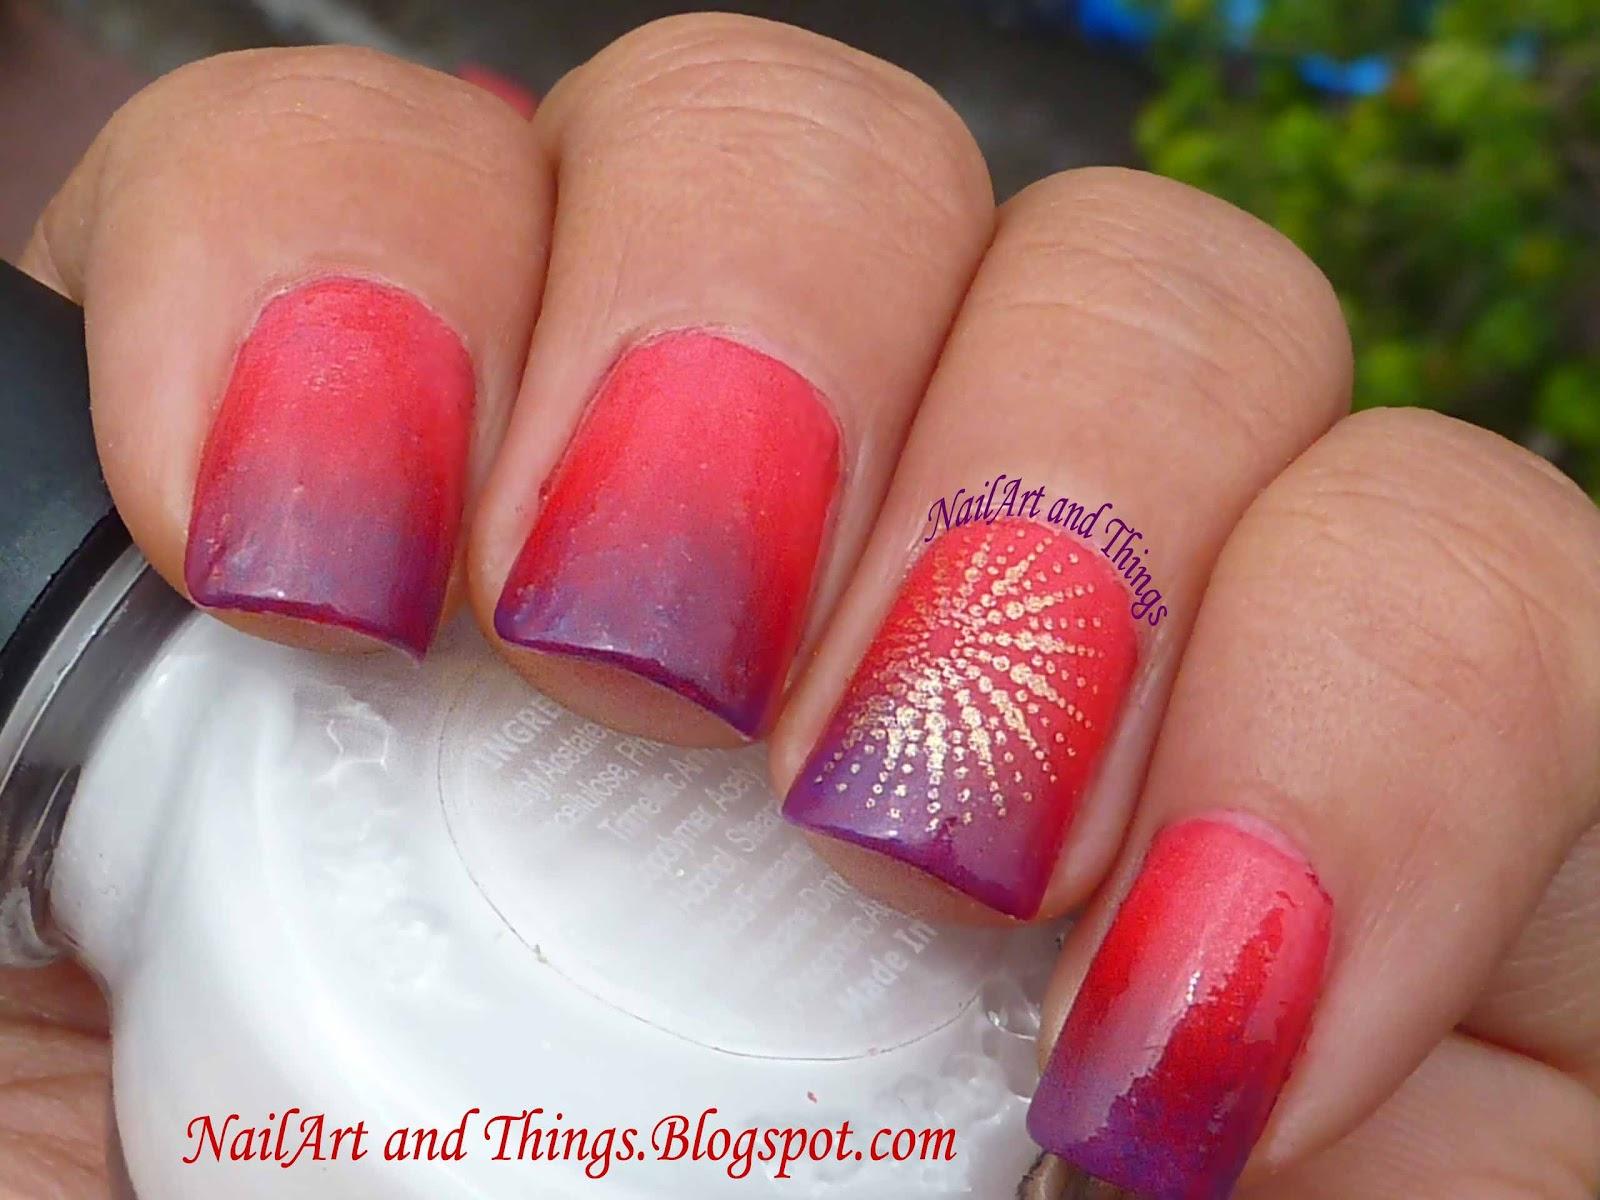 Nailart And Things: NailArt And Things: Sponging Nail Art: Using Lakme: Autumn